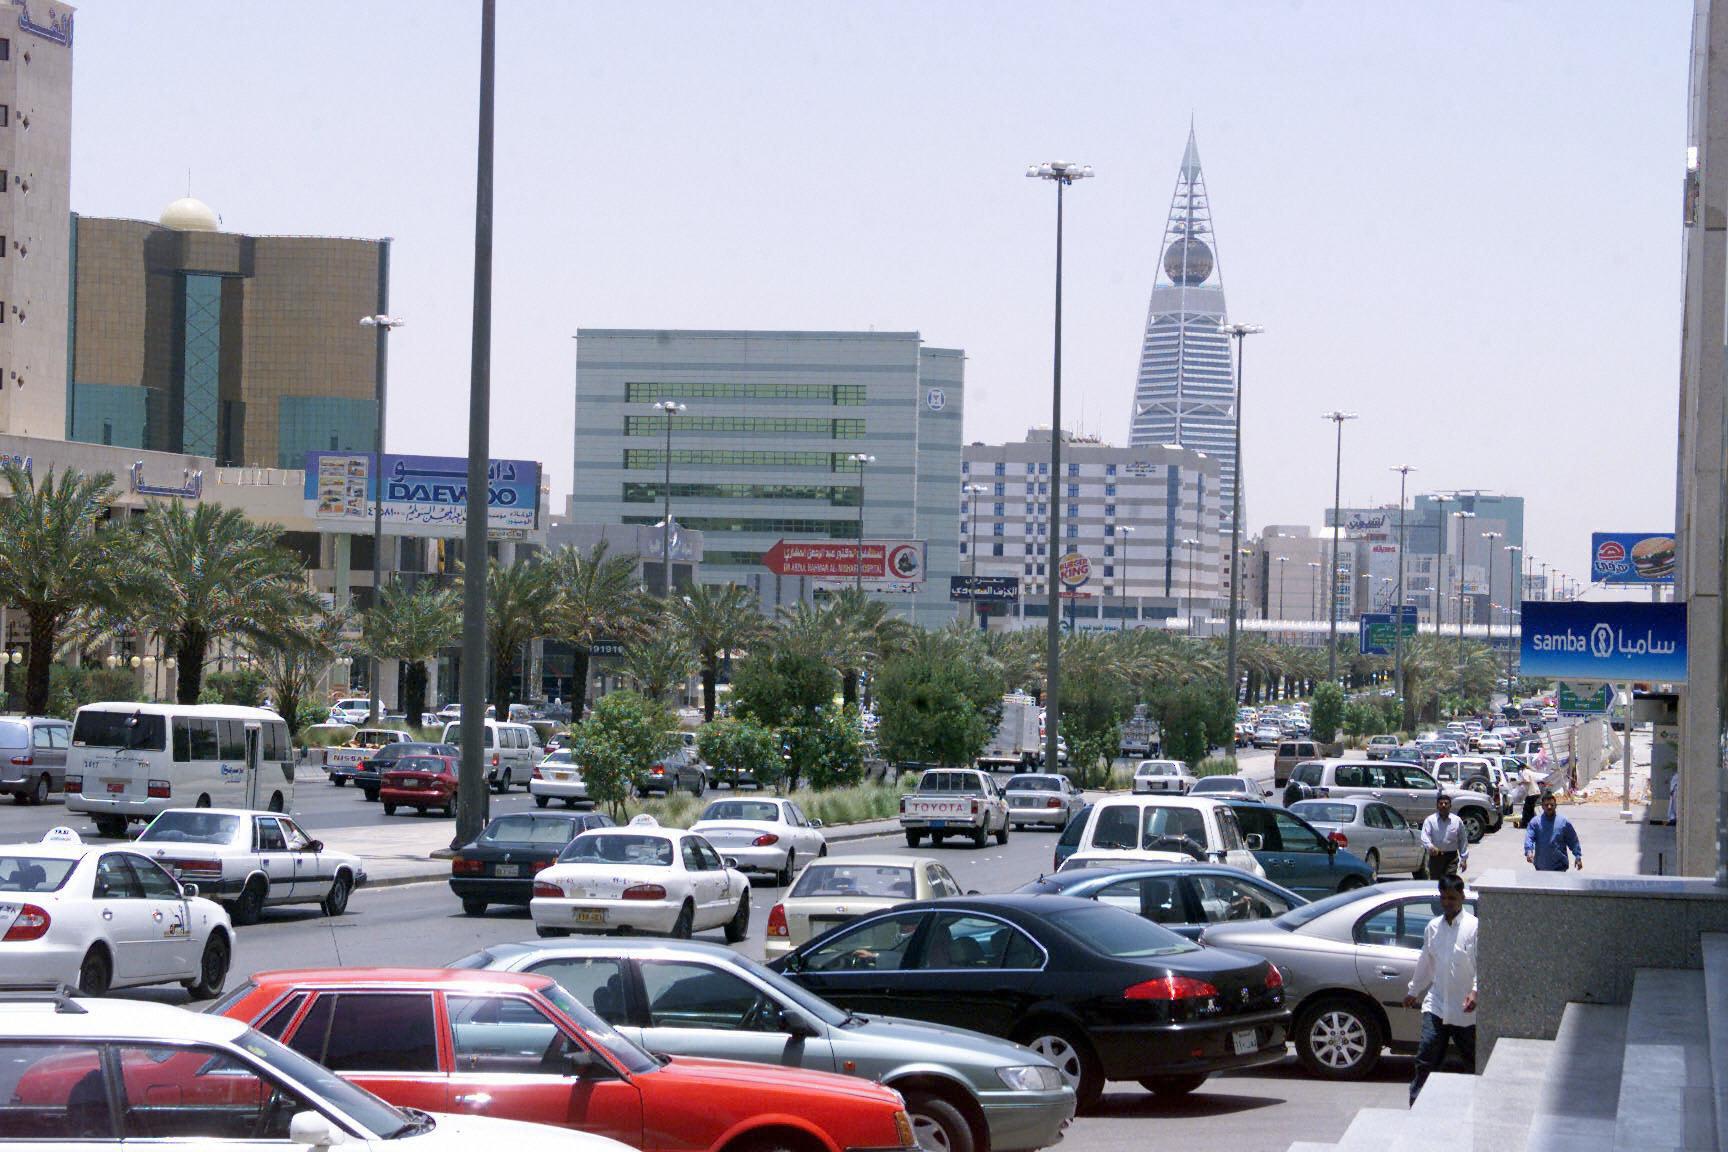 صورة أرشيفية عامة من العاصمة السعودية، الرياض (صورة تعبيرية)